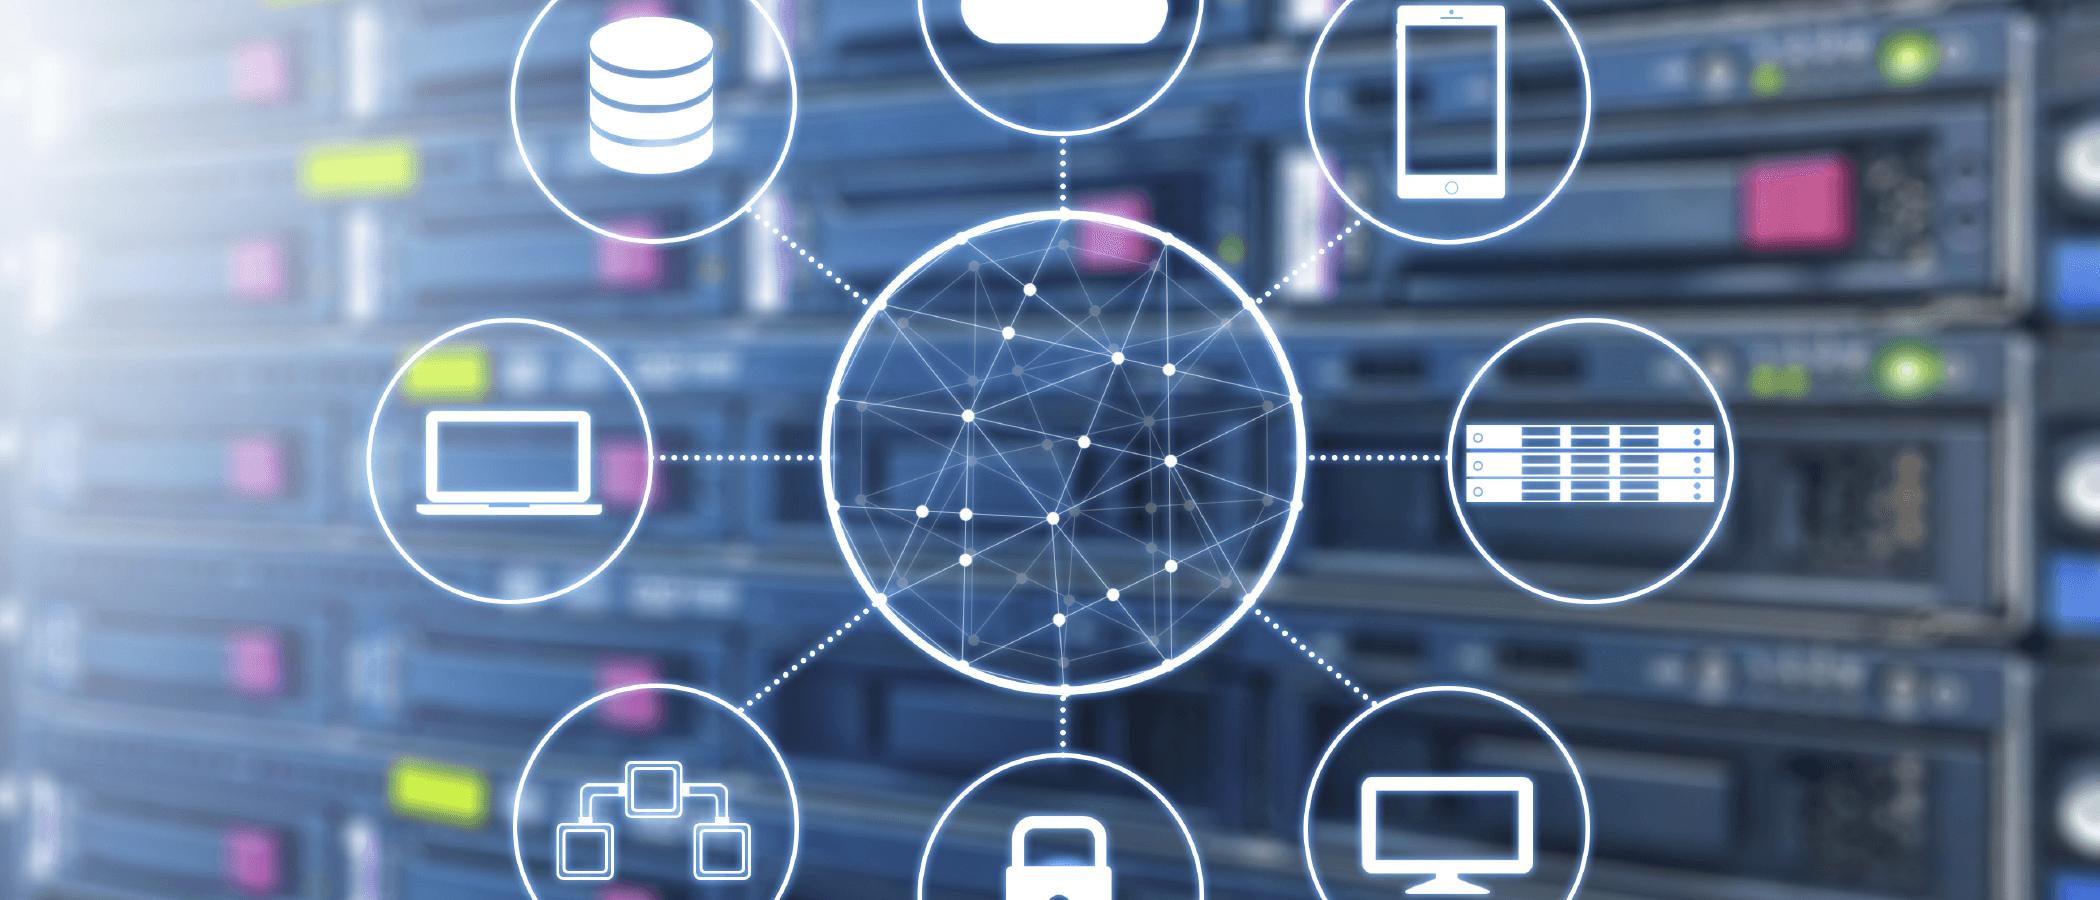 Utilice la virtualización de servicios para ayudar con las falsificaciones / simulaciones